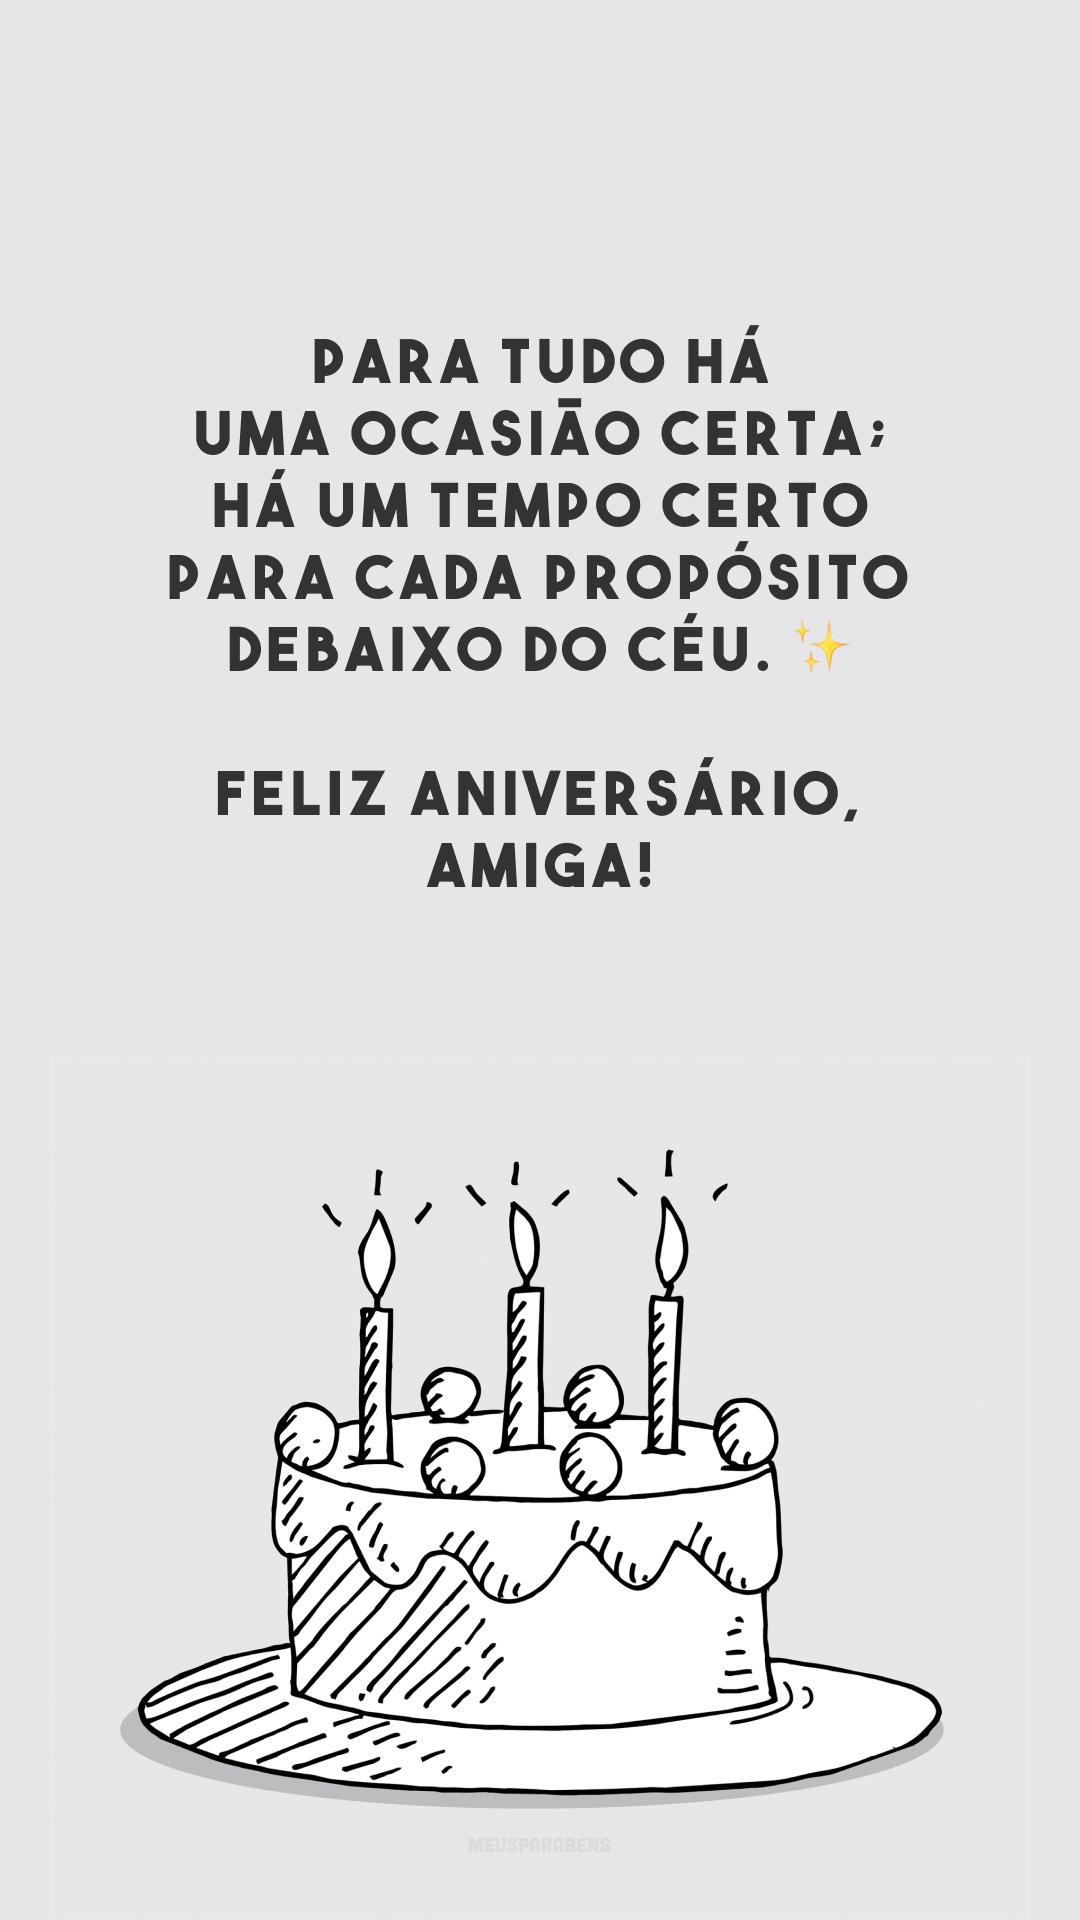 Para tudo há uma ocasião certa; há um tempo certo para cada propósito debaixo do céu. ✨ Feliz aniversário, amiga!